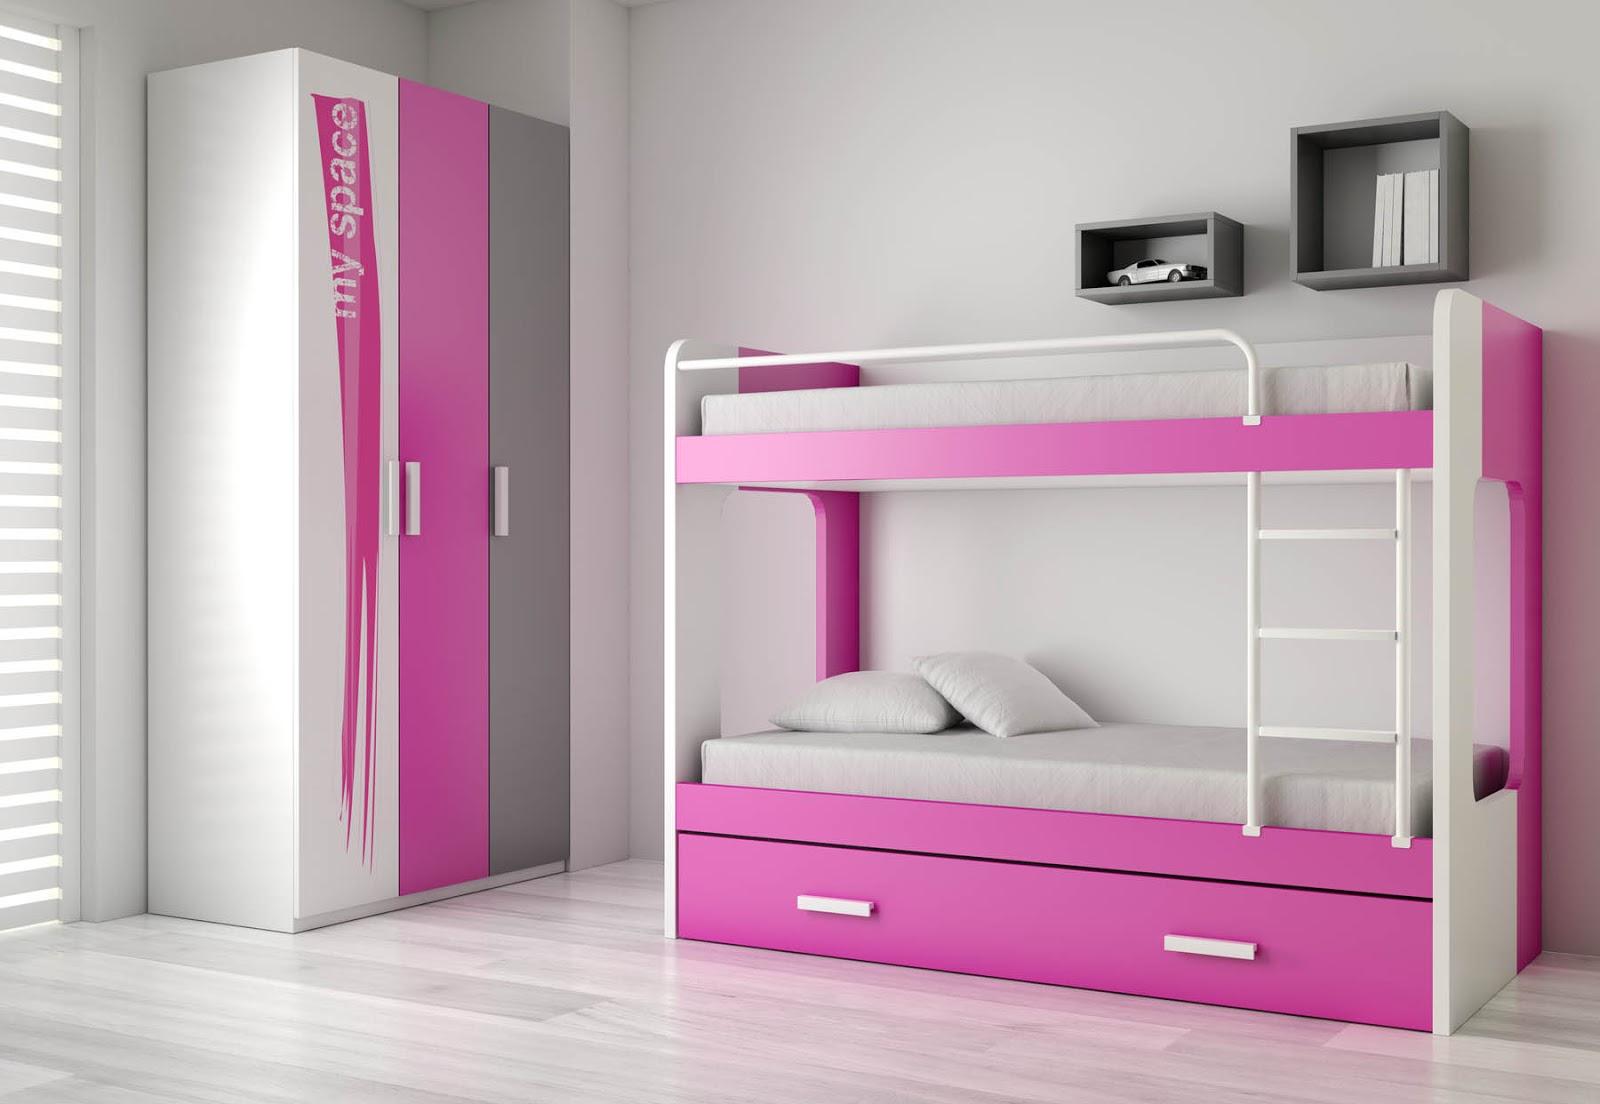 Culle per neonati camerette per bambini inseparabili for Camas dobles juveniles ikea